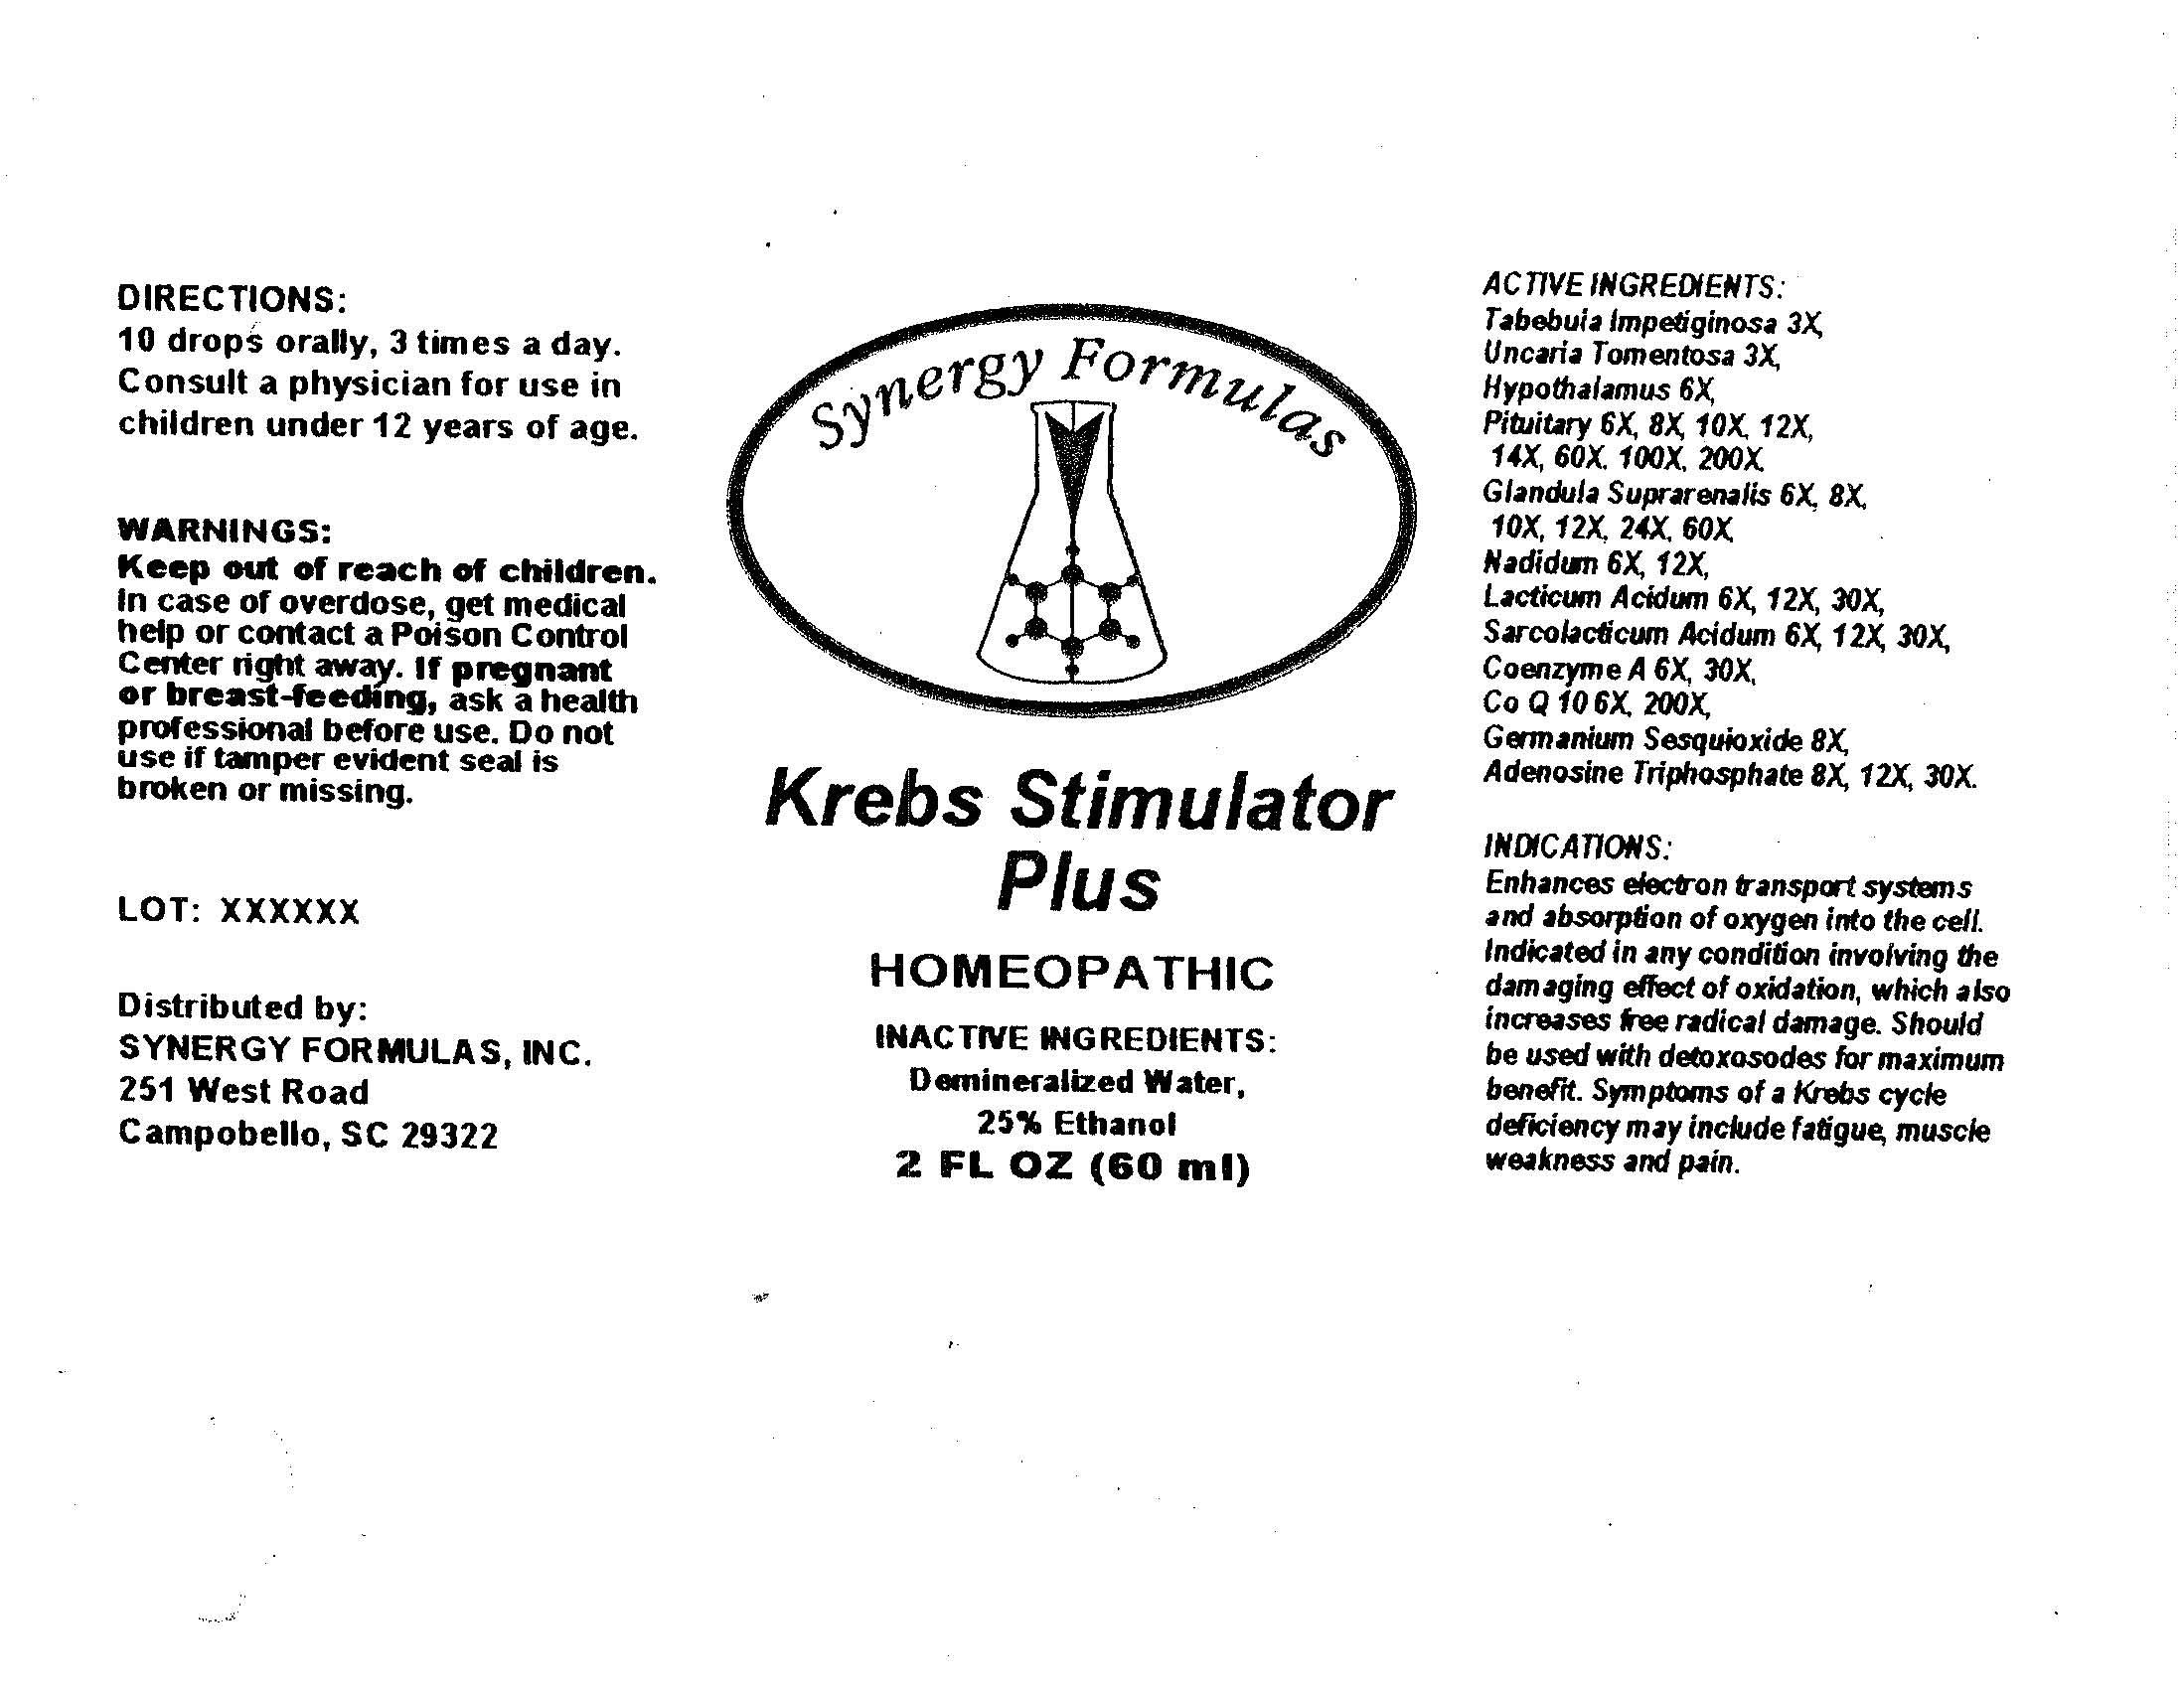 Krebs Stimulator Plus